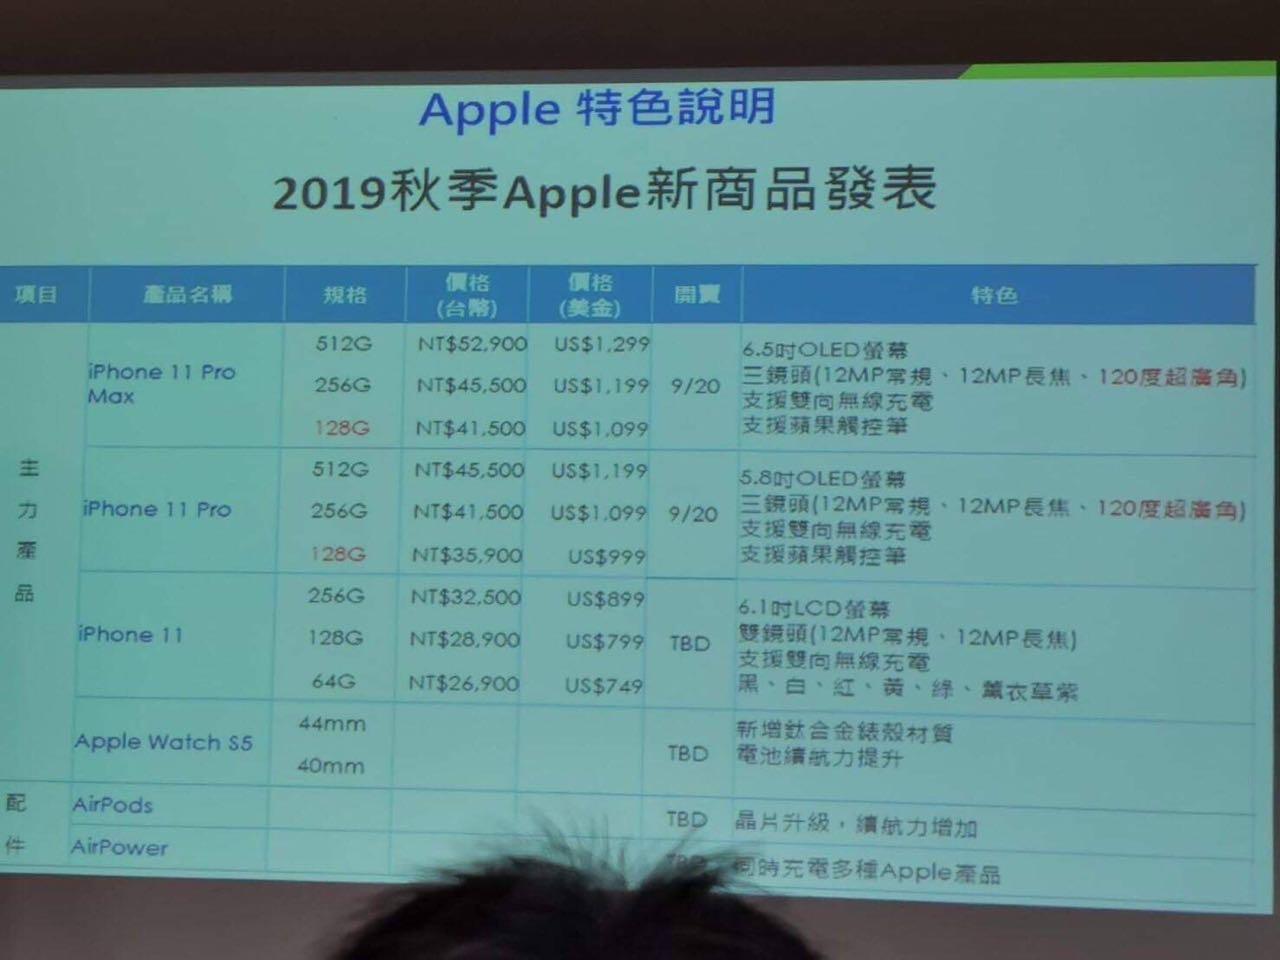 iPhone 11, iPhone 11 Pro, iPhone 11 Pro Max, EXCLUSIV, PRETURI si SPECIFICATII imagine